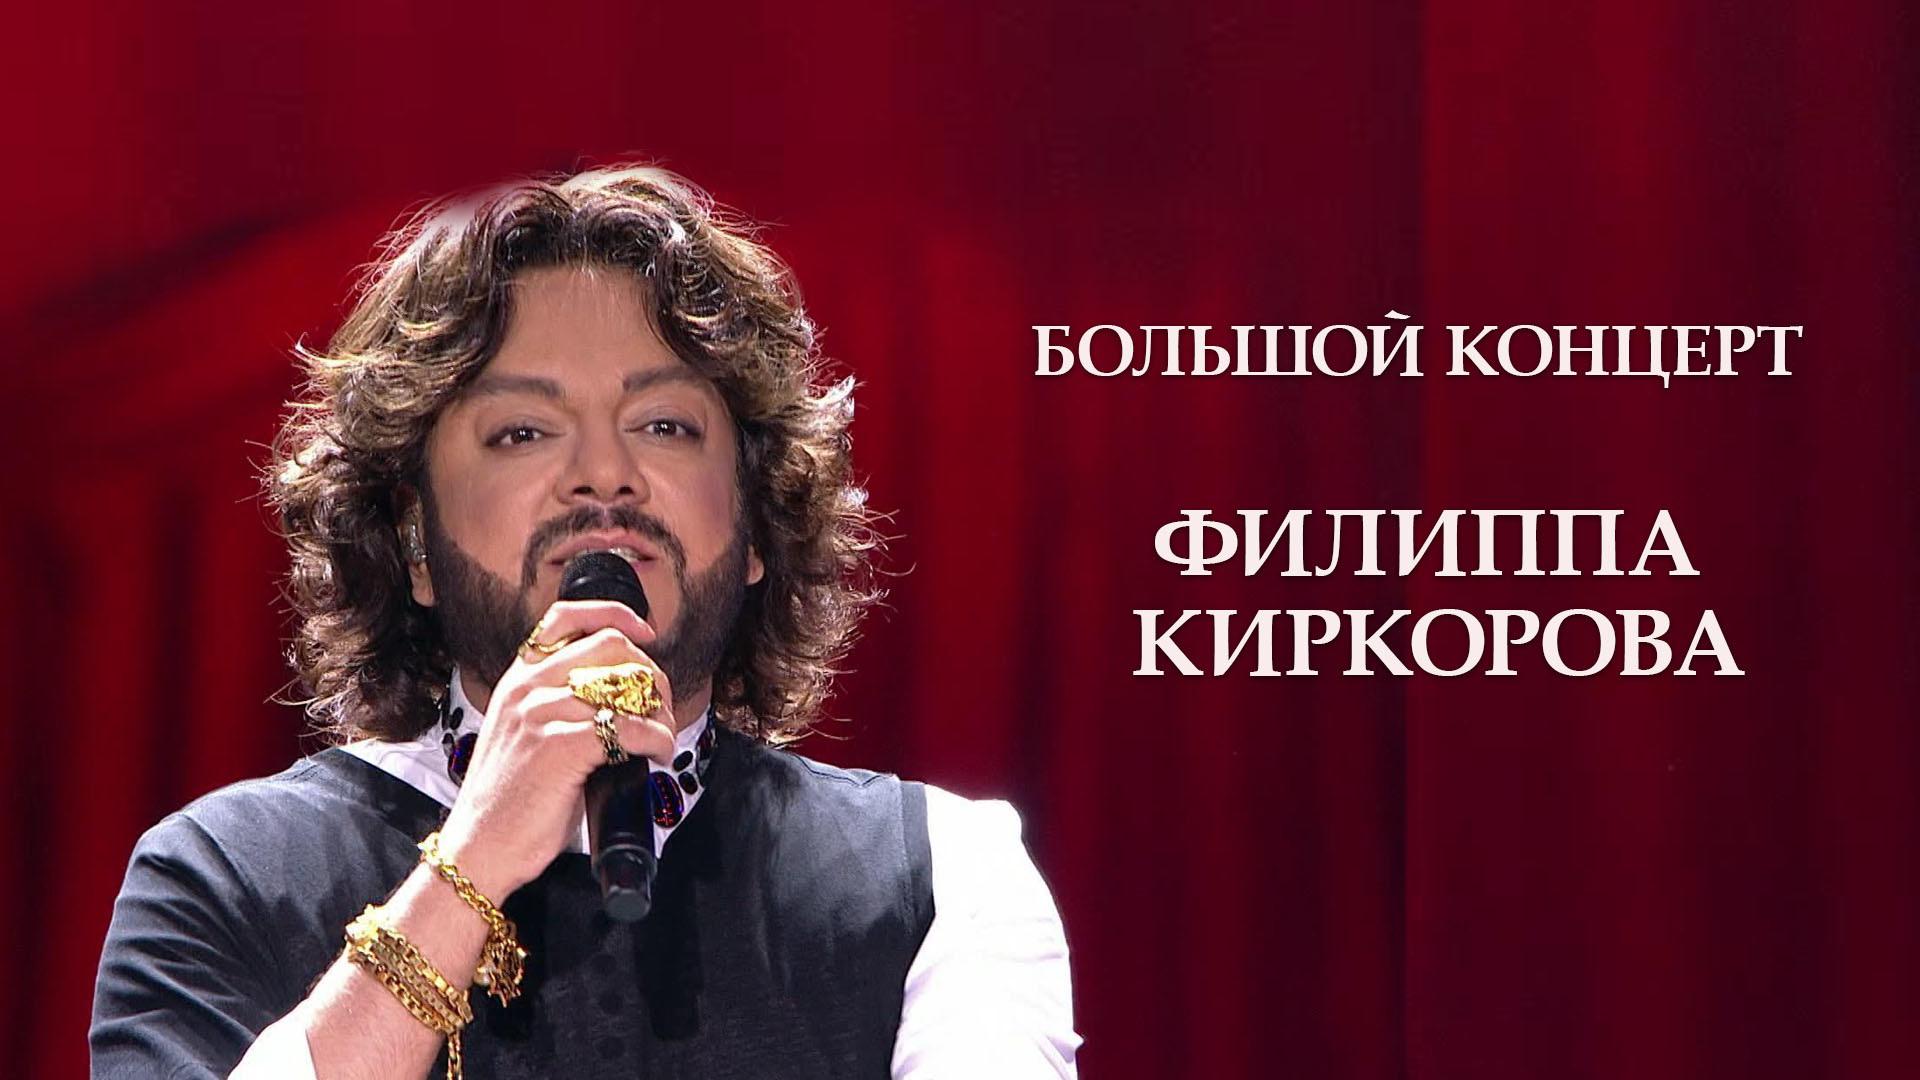 Большой концерт Филиппа Киркорова